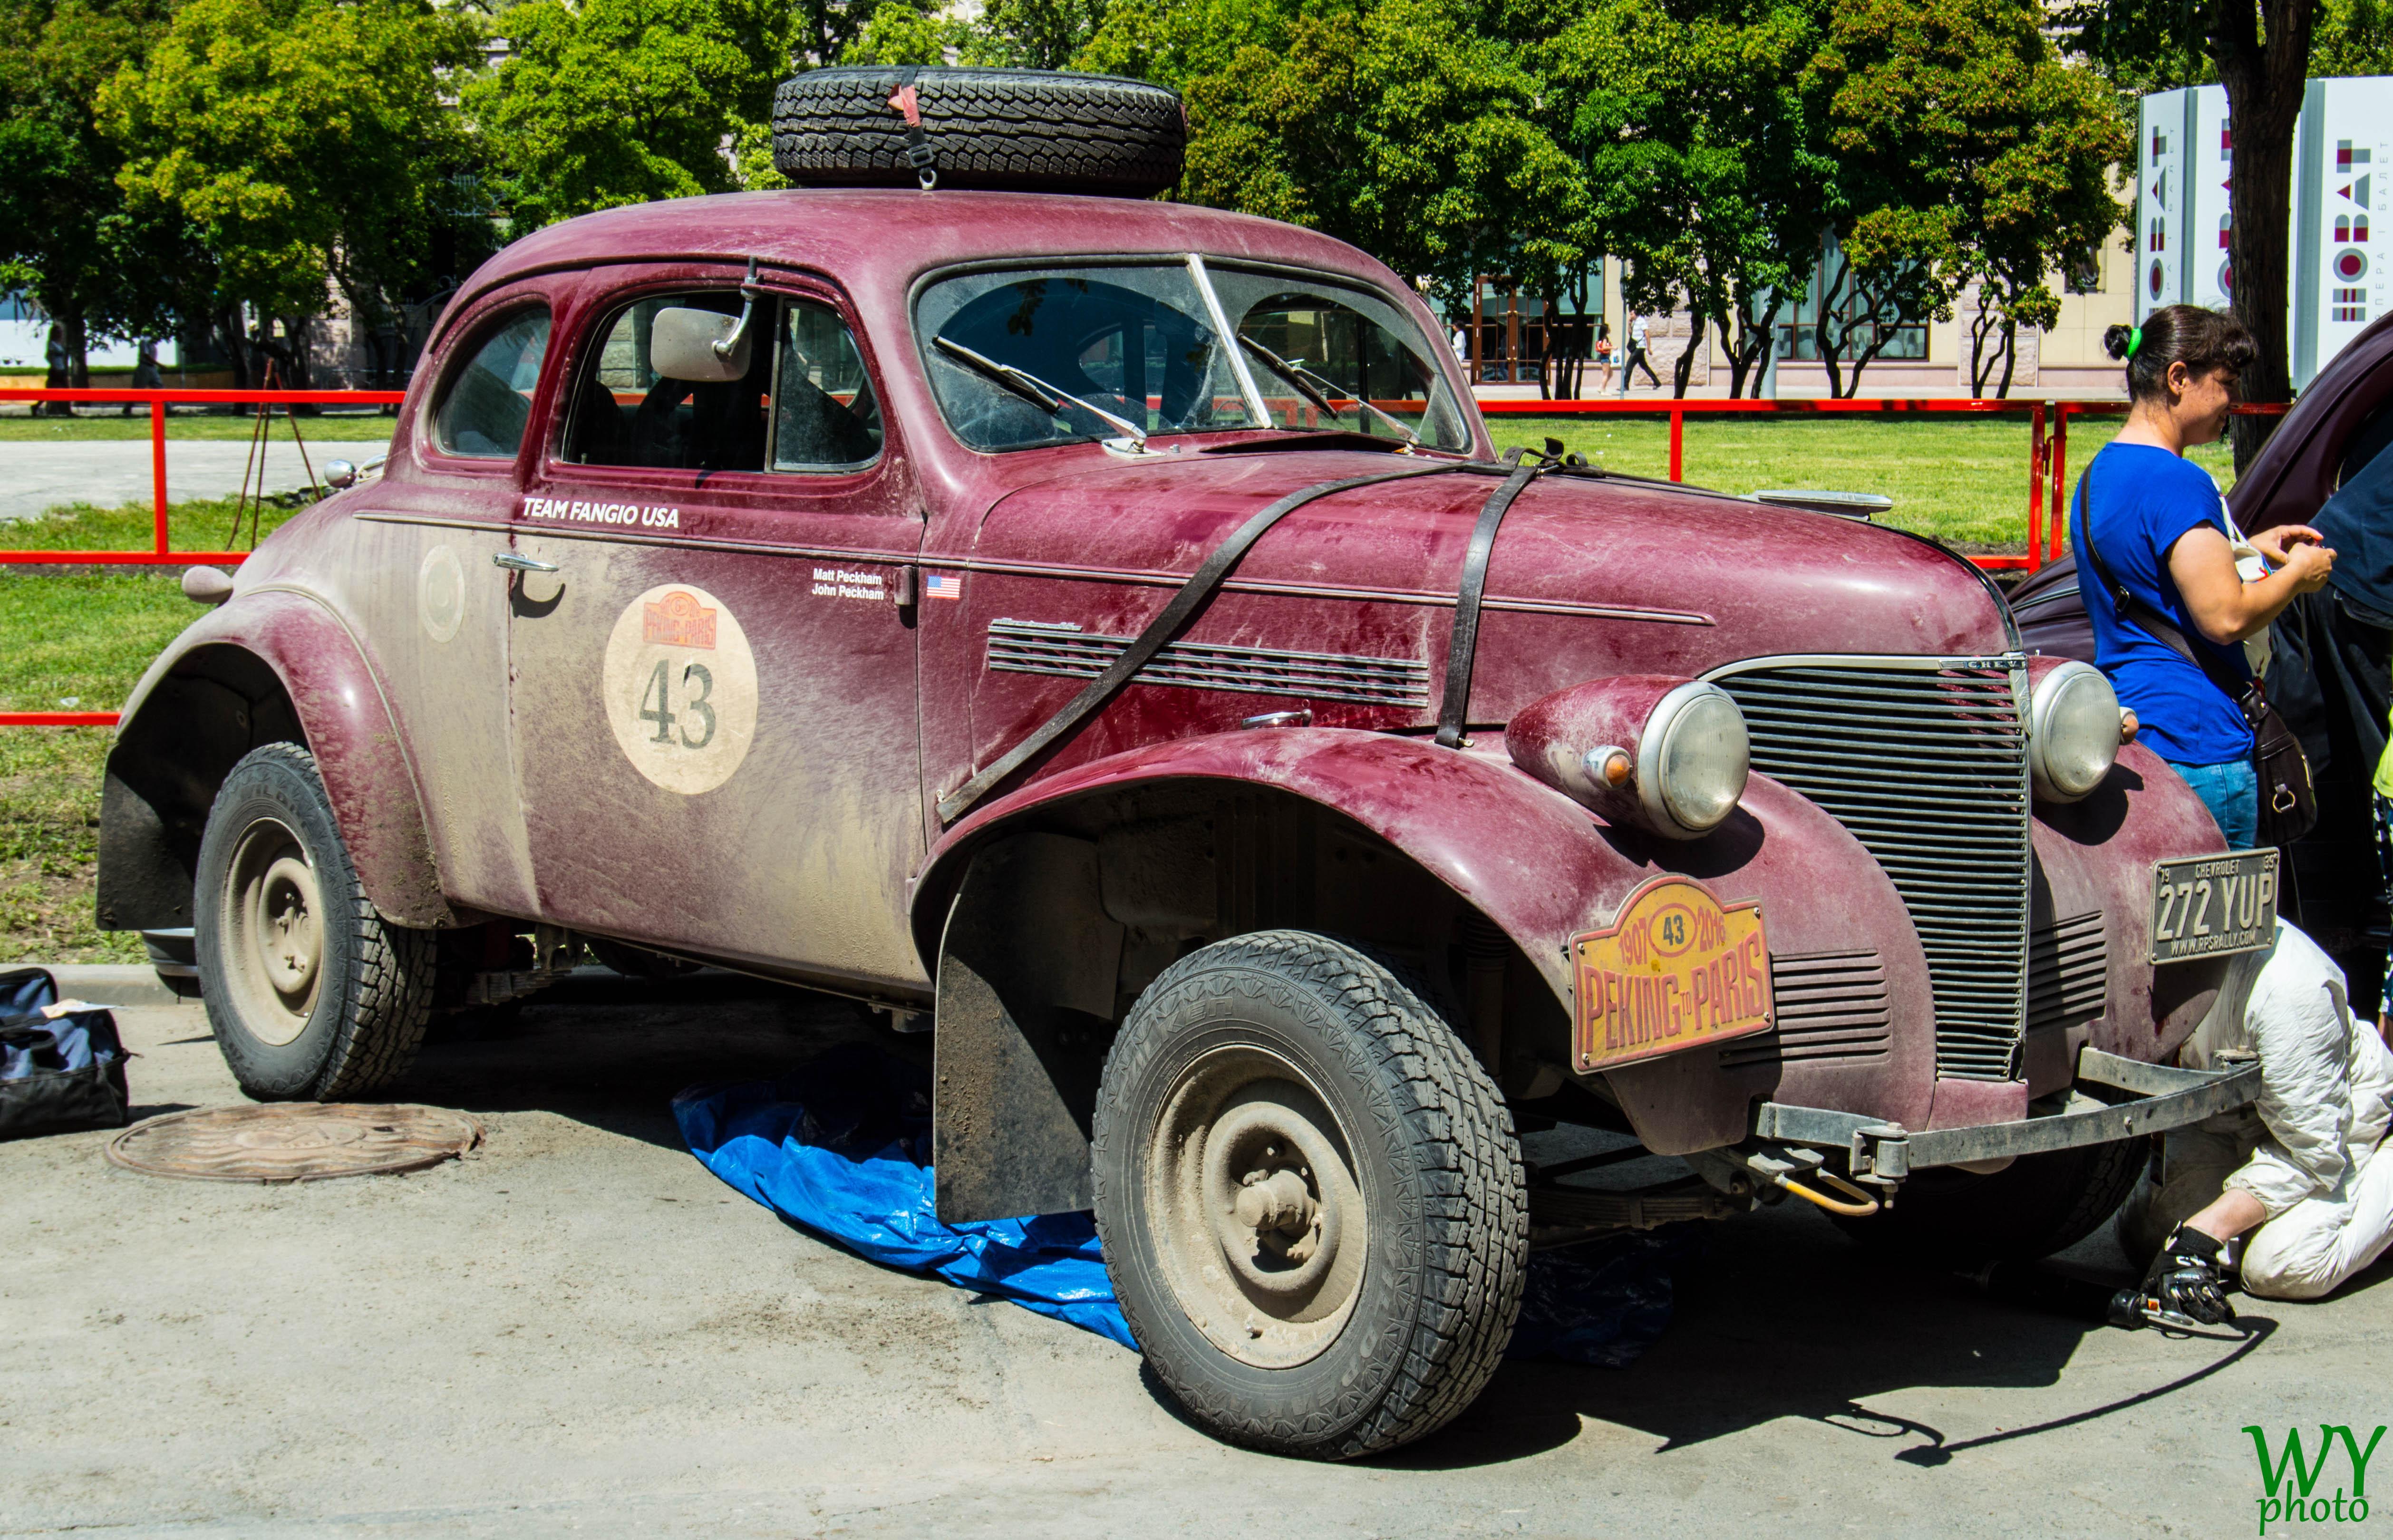 Team Fangio 1939 Chevrolet Coupe, Car, Novosibirsk, Outdoor, PekingtoParis, HQ Photo